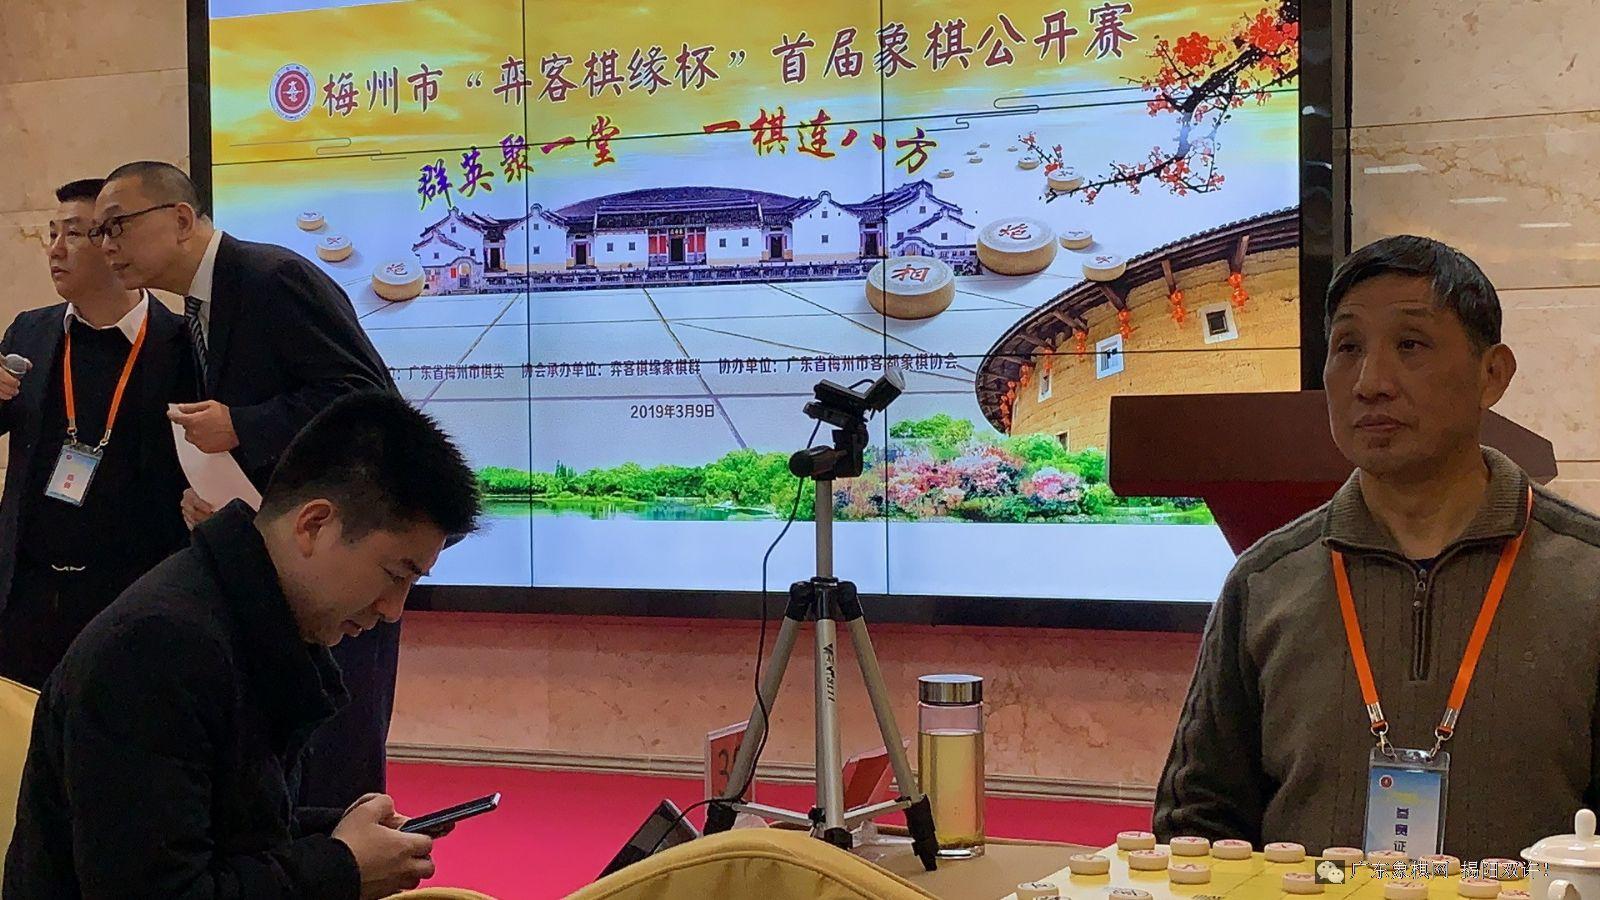 Mạnh Thần xuất sắc đoạt chức Quán quân giải cờ tướng Dịch Khách Kỳ Duyên Bôi 2019